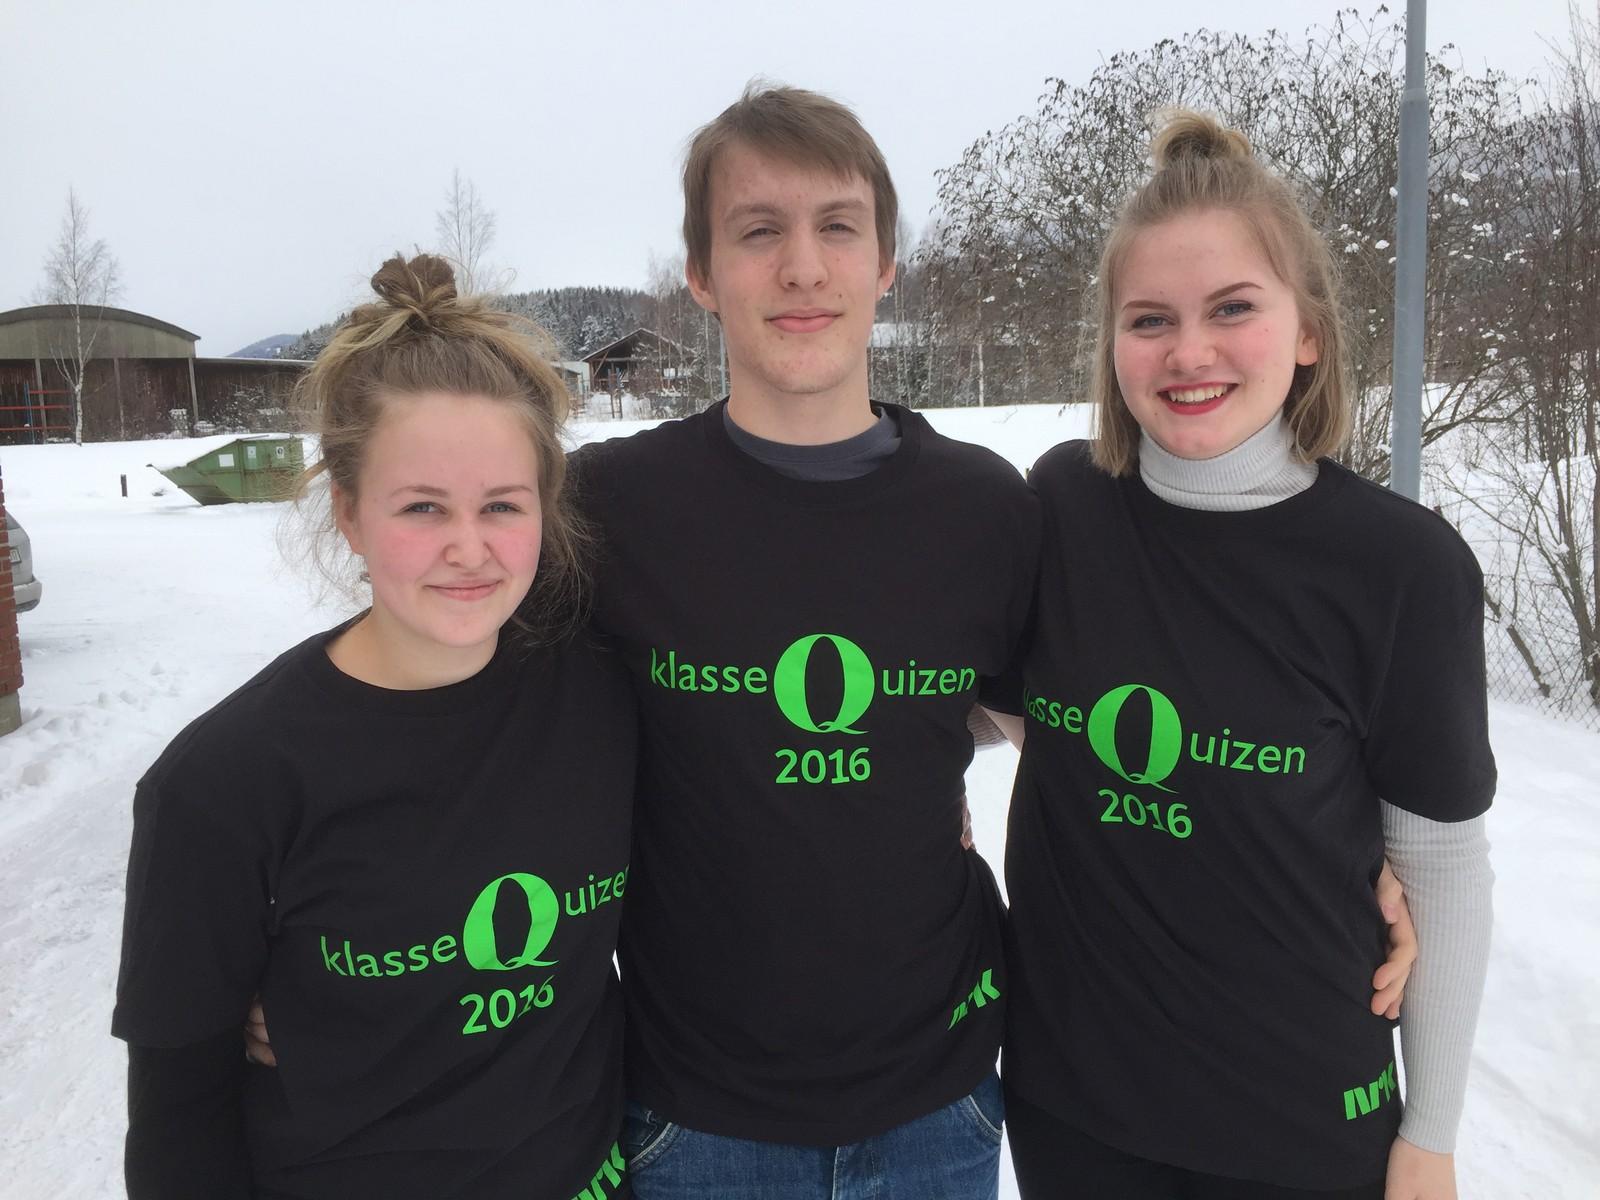 Åtte poeng til Ruben Skårsmoen, Kristine Thujord og Katrine Kvalvik fra Ringebu ungdomsskole.